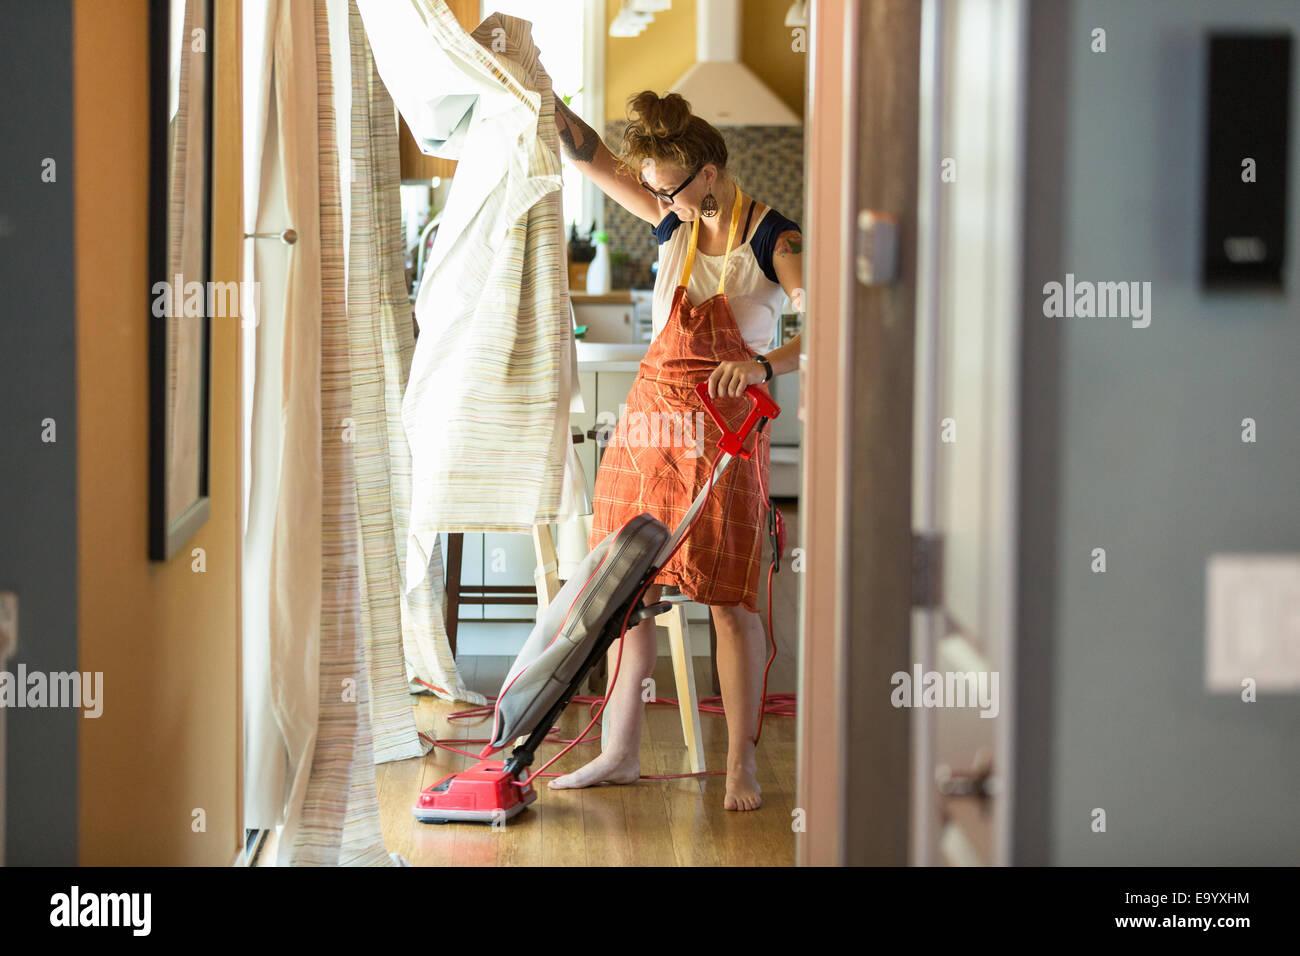 Junge Frau mit grünen Reinigungsmittel Staubsaugen Stockbild